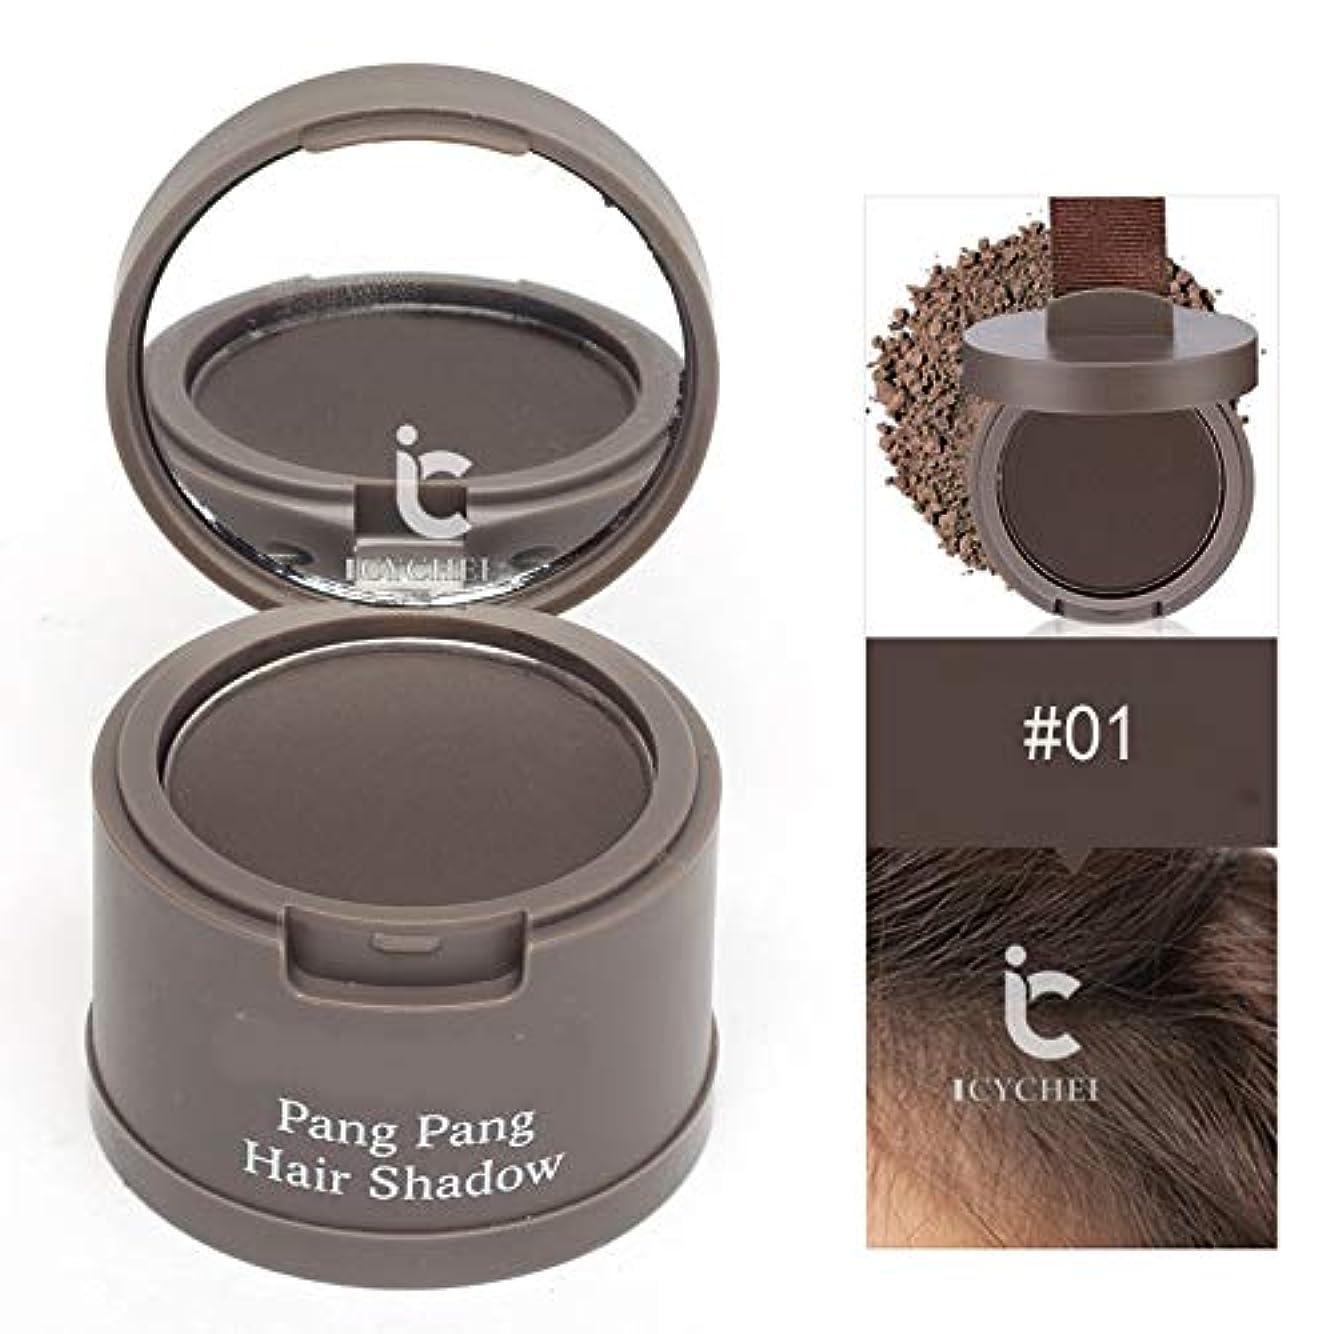 コンパクト村一致する髪のためのヘアラインシャドウパウダー髪のシェーダレタッチルーツと髪パーフェクトカバレッジをラスティングICYCHEER防水ロング (01)